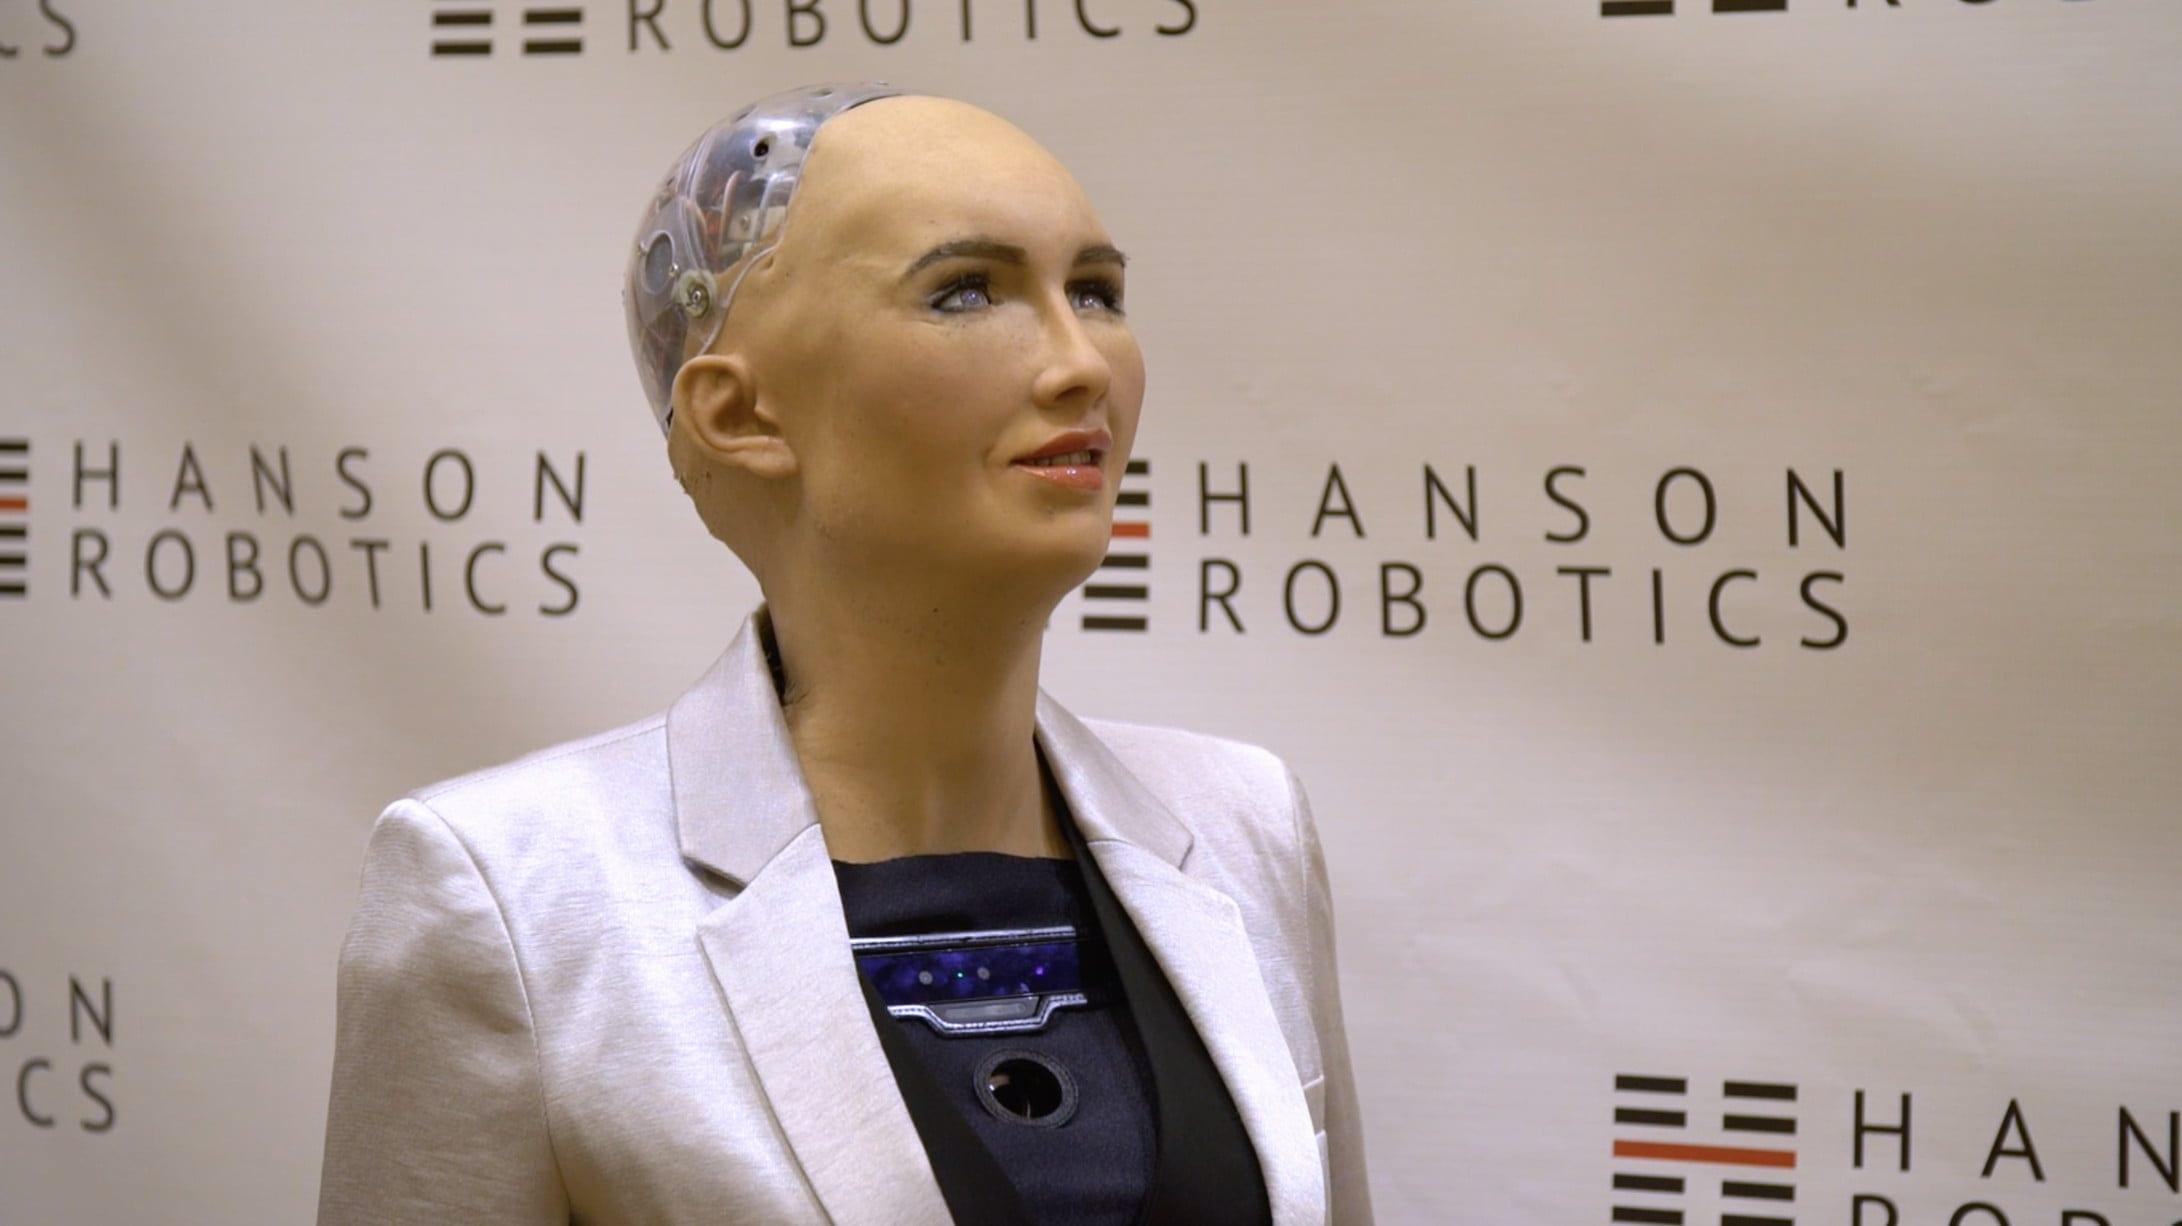 Sophia, l'androide concepito per l'assistenza umana, verso la produzione di massa